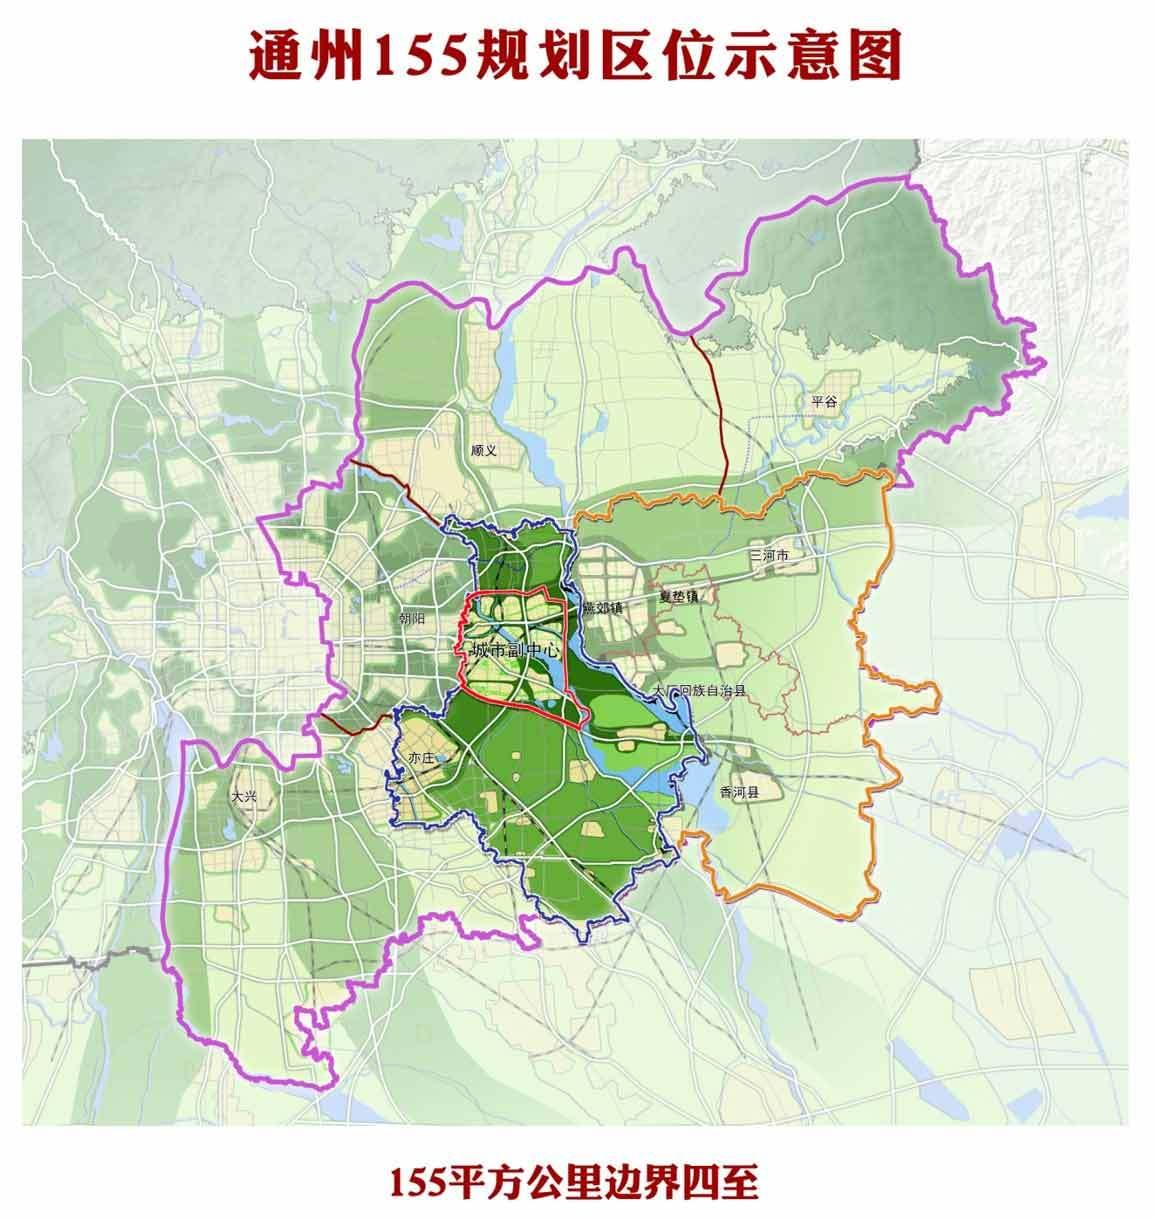 京津新城规划_北京城市副中心_360百科